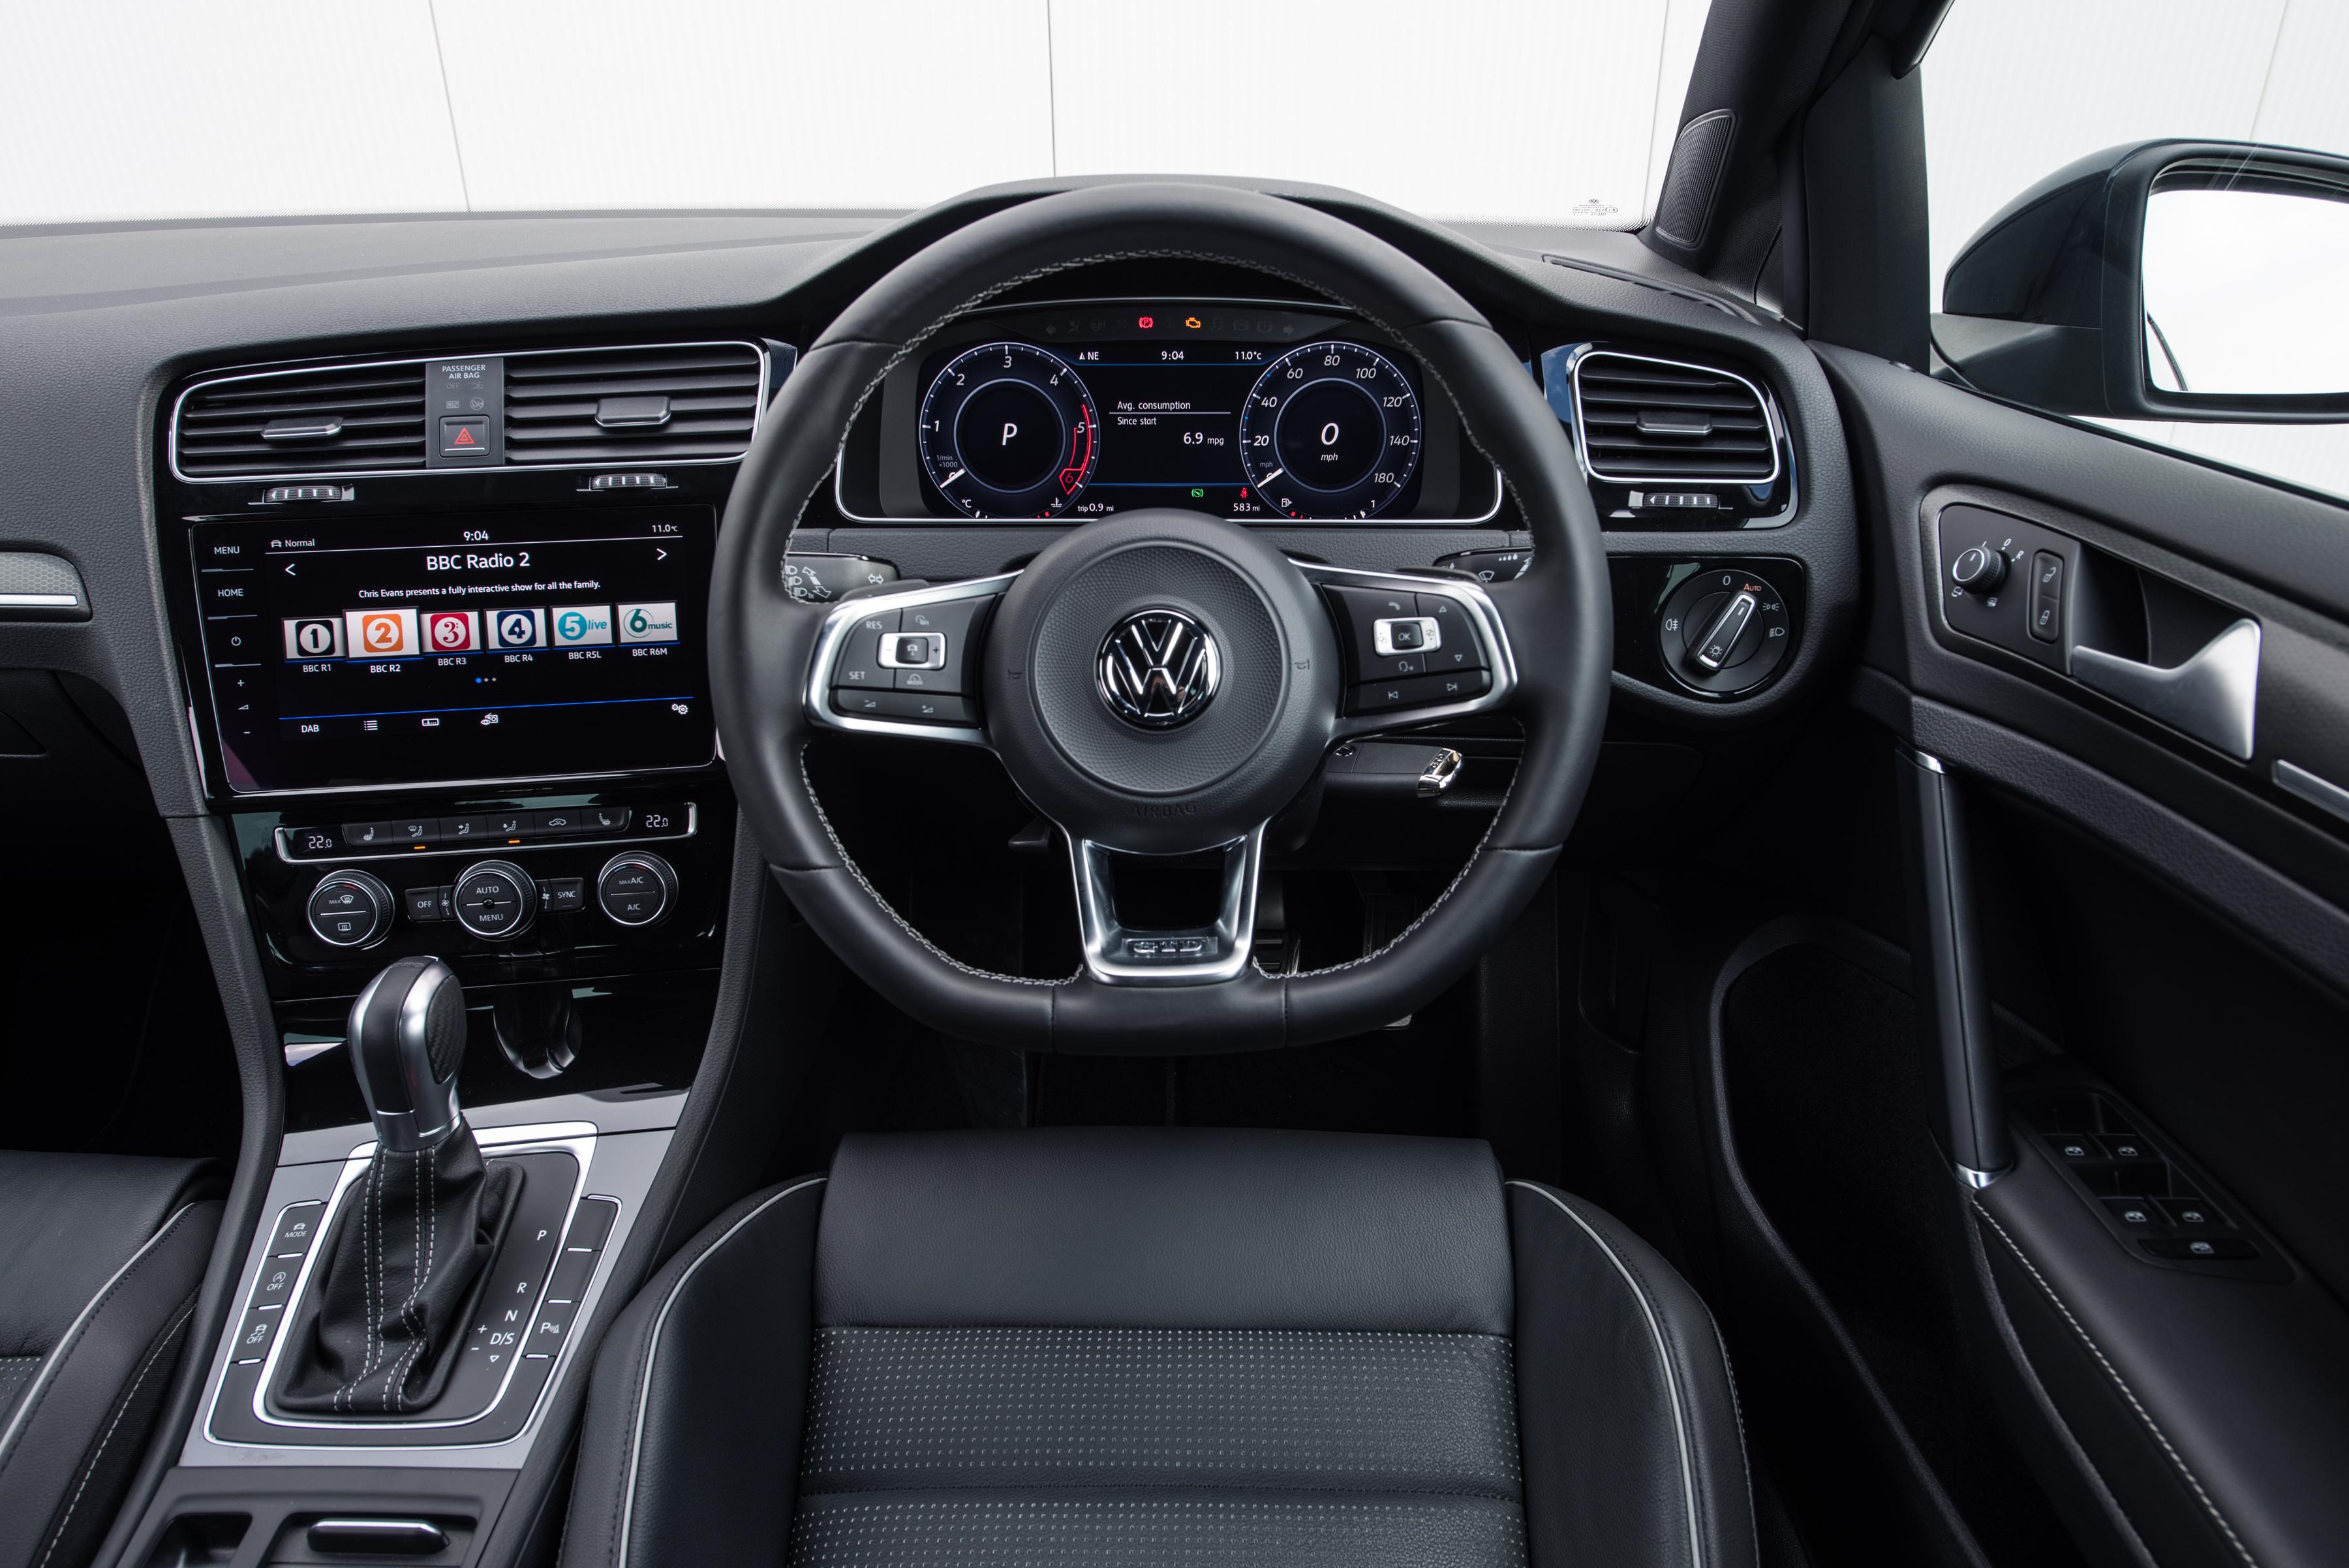 Volkswagen Golf Gtd 2013 2020 Interior Amp Infotainment